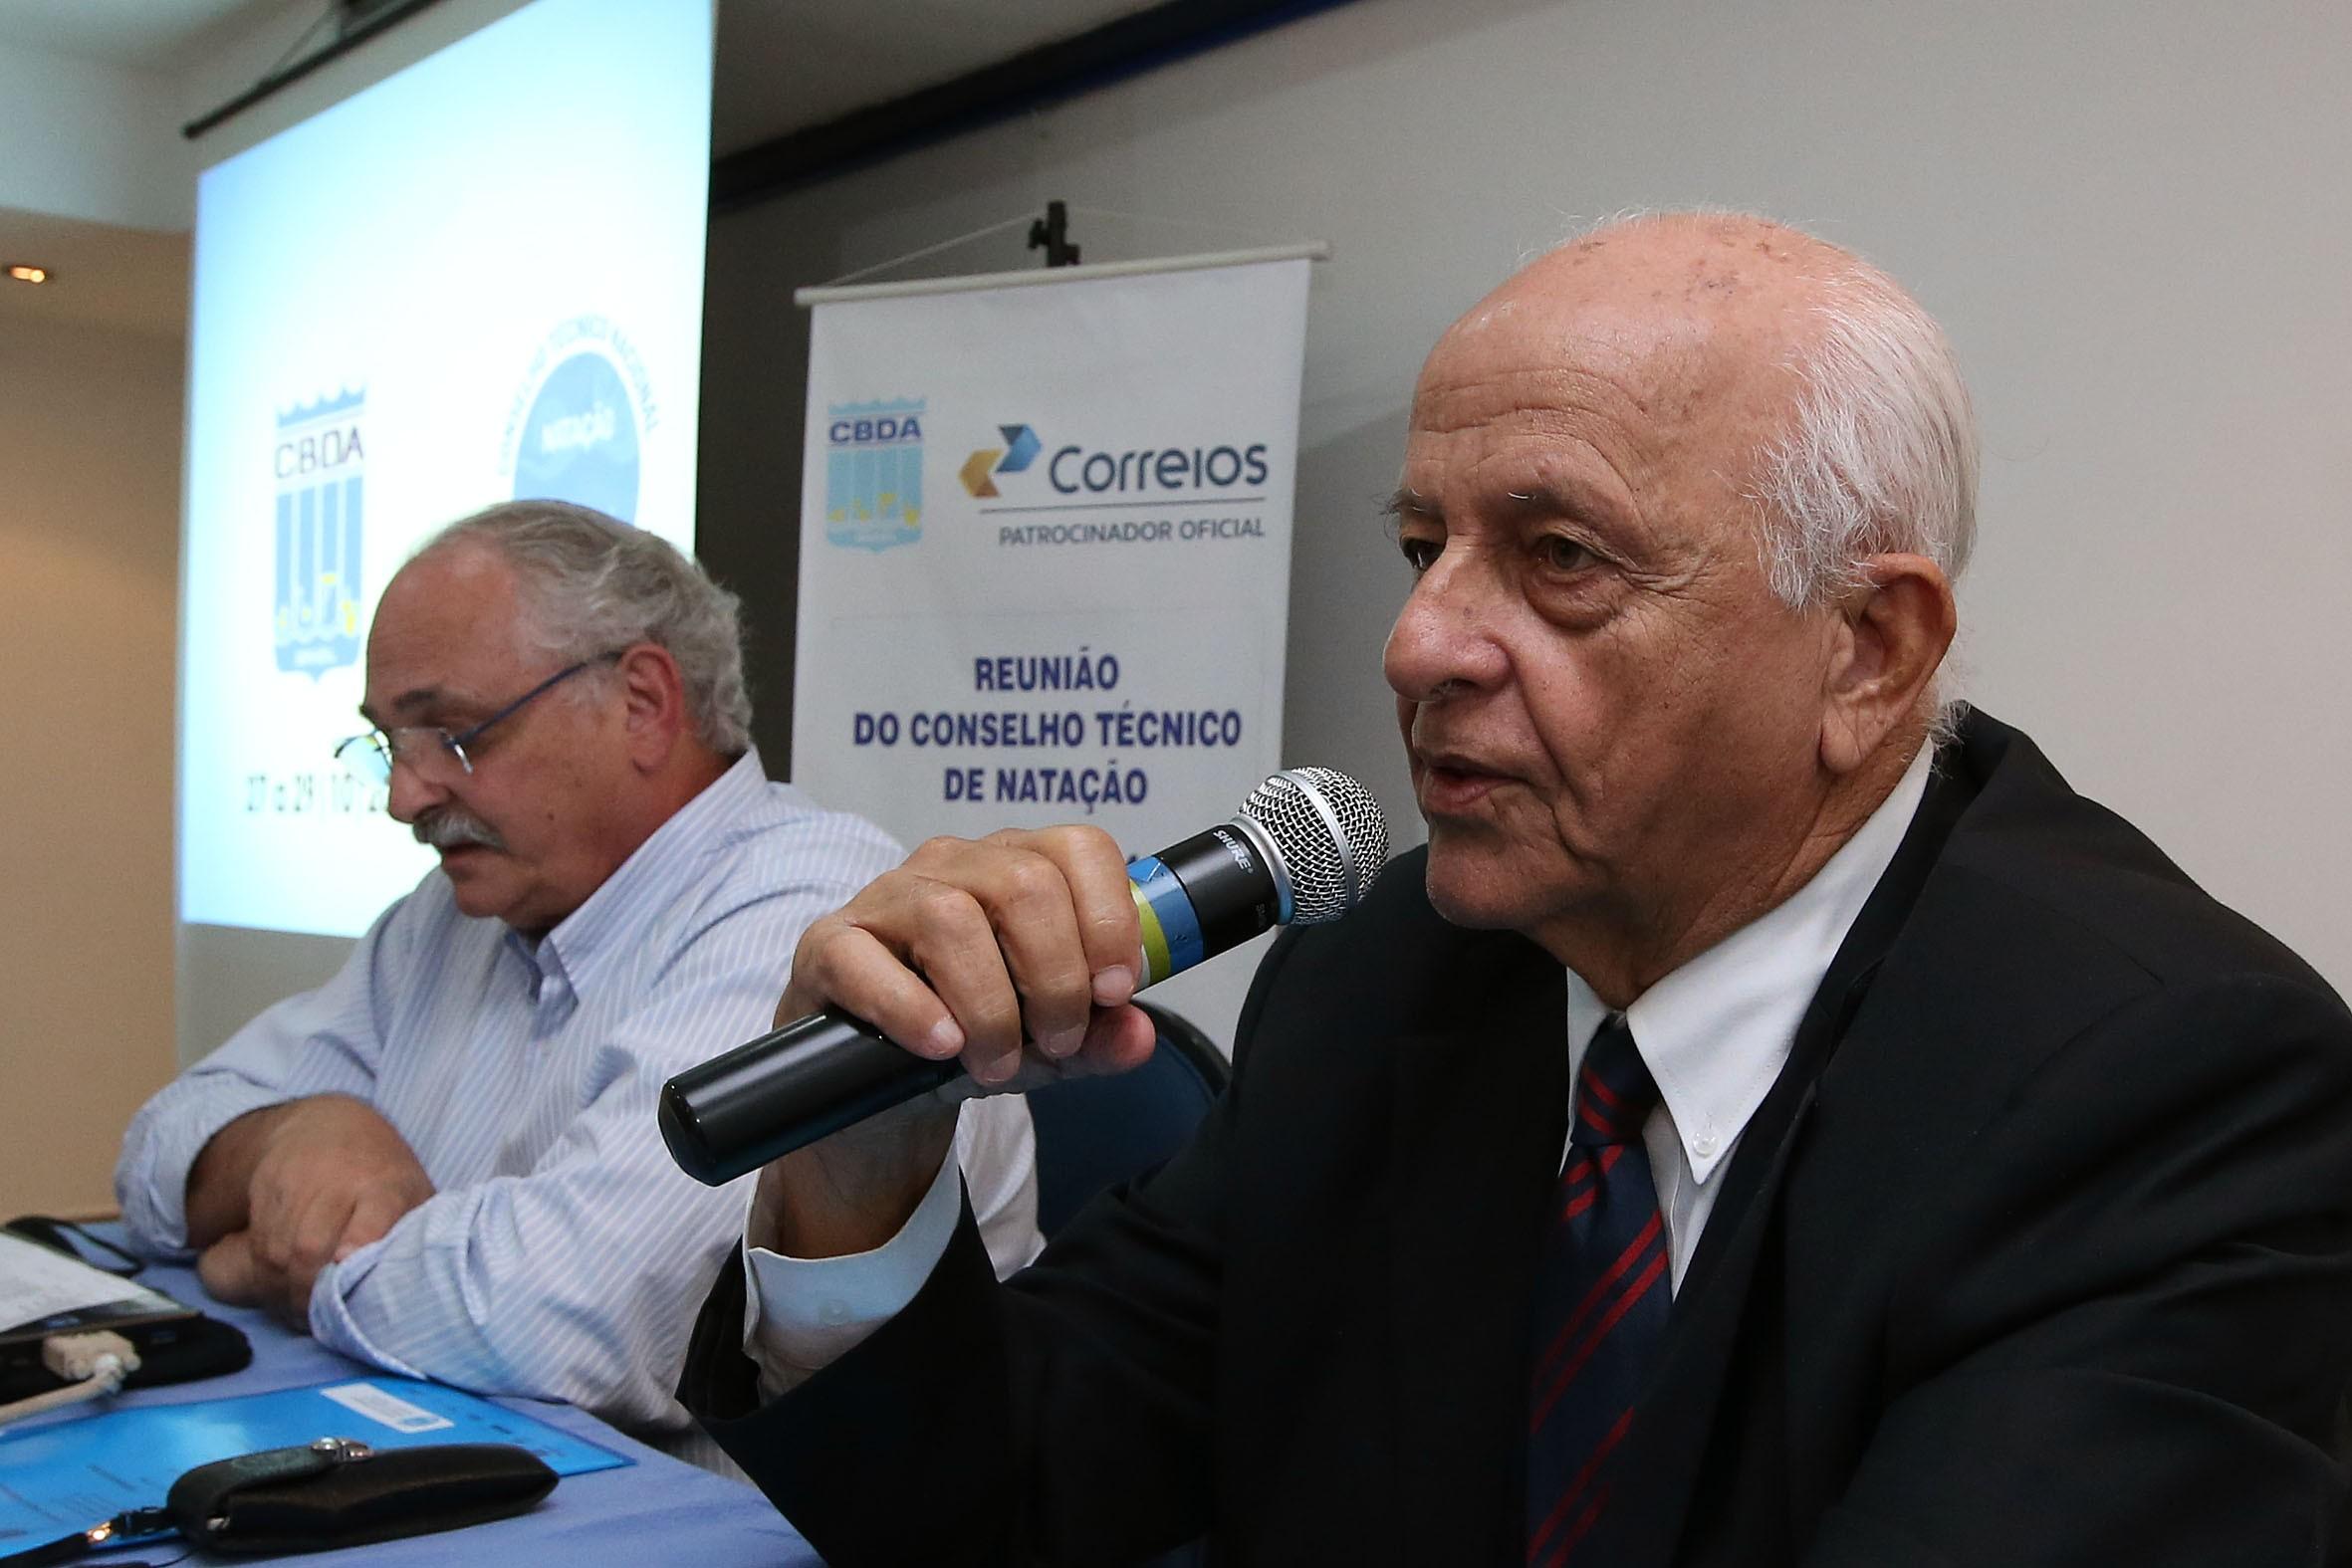 Ricardo de Moura à direita de Coaracy Nunes, com o microfone